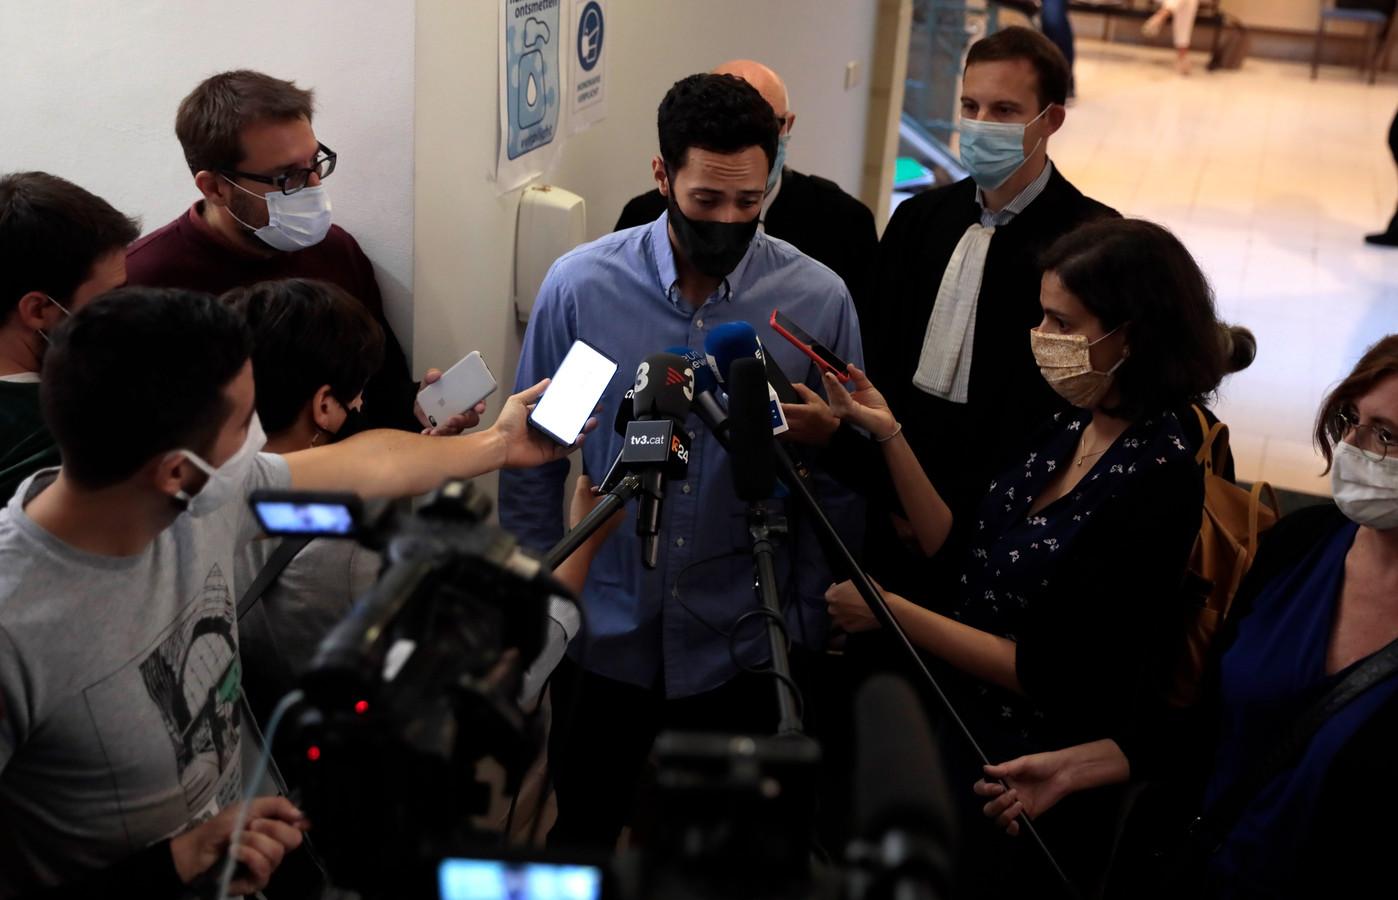 De Spaanse pers was dinsdag met een twintigtal journalisten ter plaatse. In ons land krijgt de dissident amper aandacht.